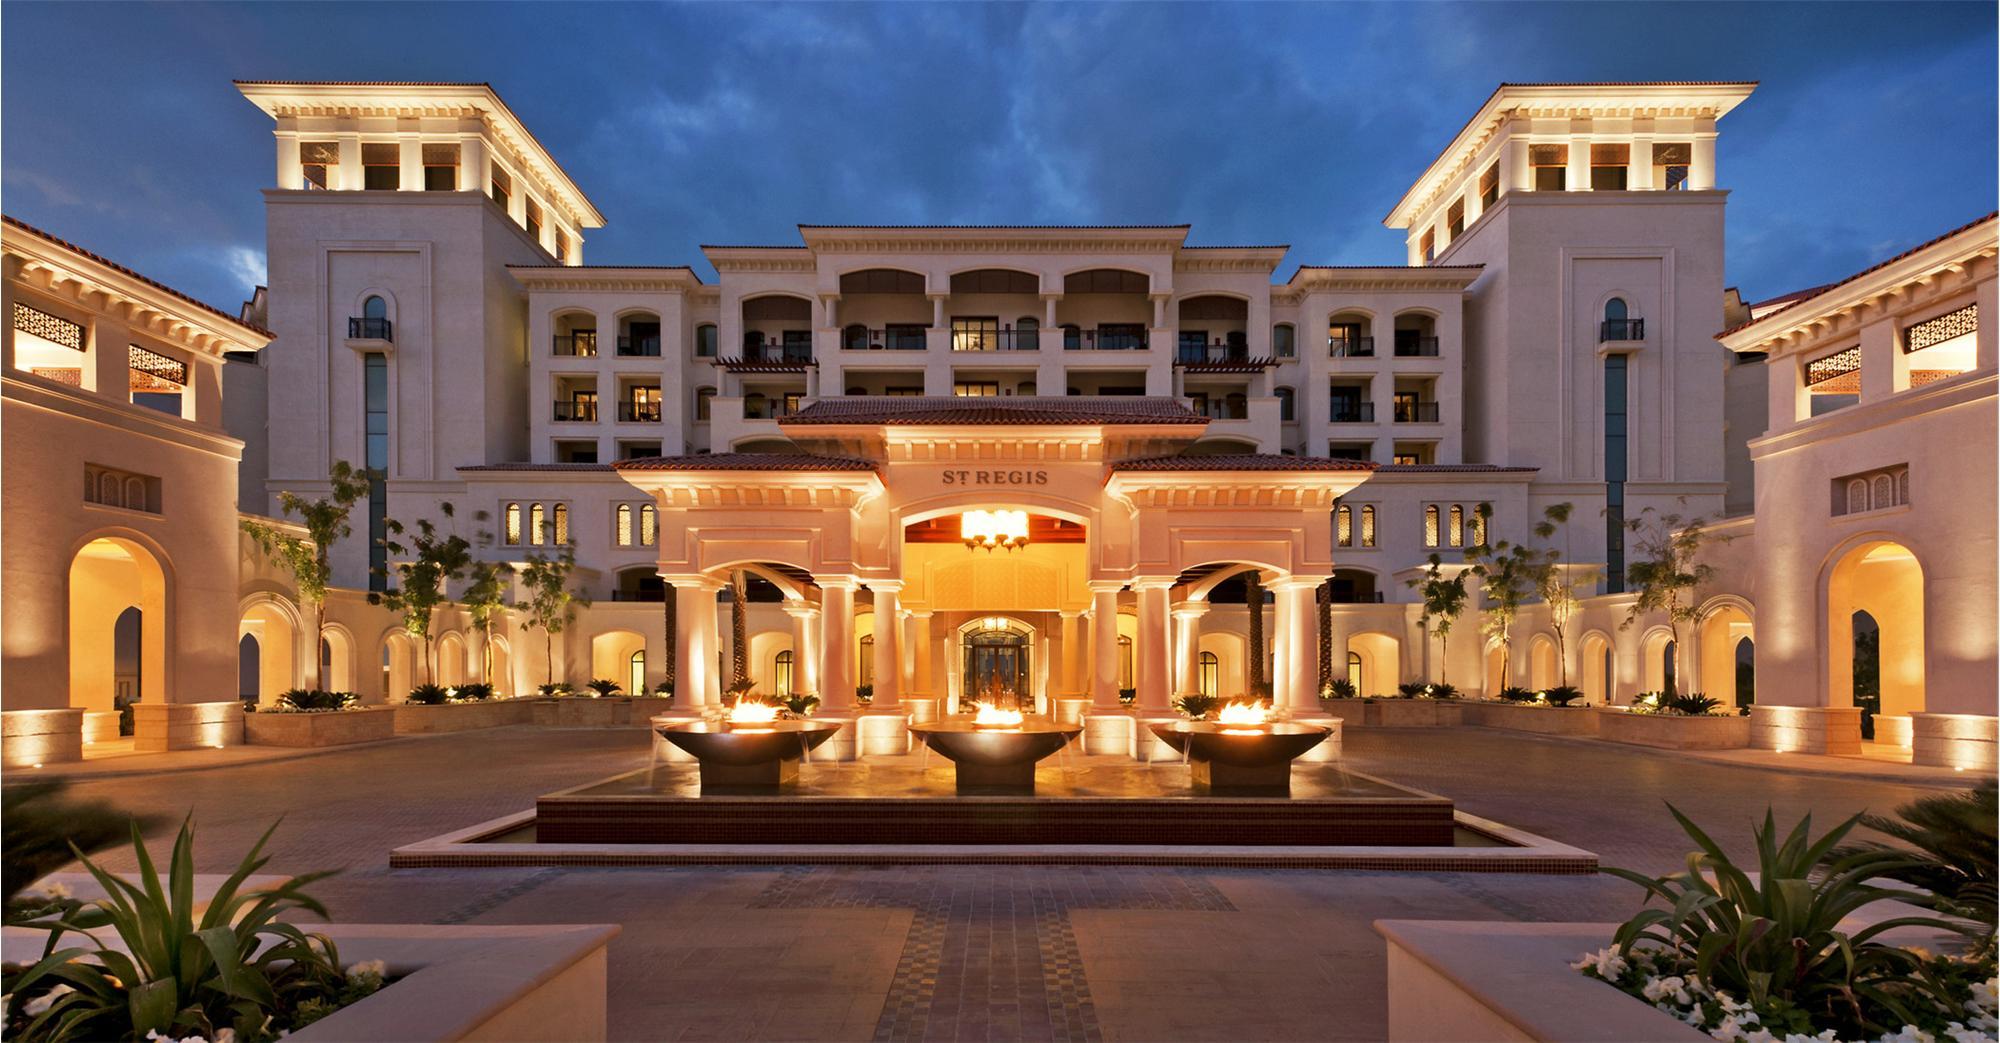 Hotel Abu Dhabi Luxury 5 Star U A E Luxushotel Vereinigte Arabische Emirate D